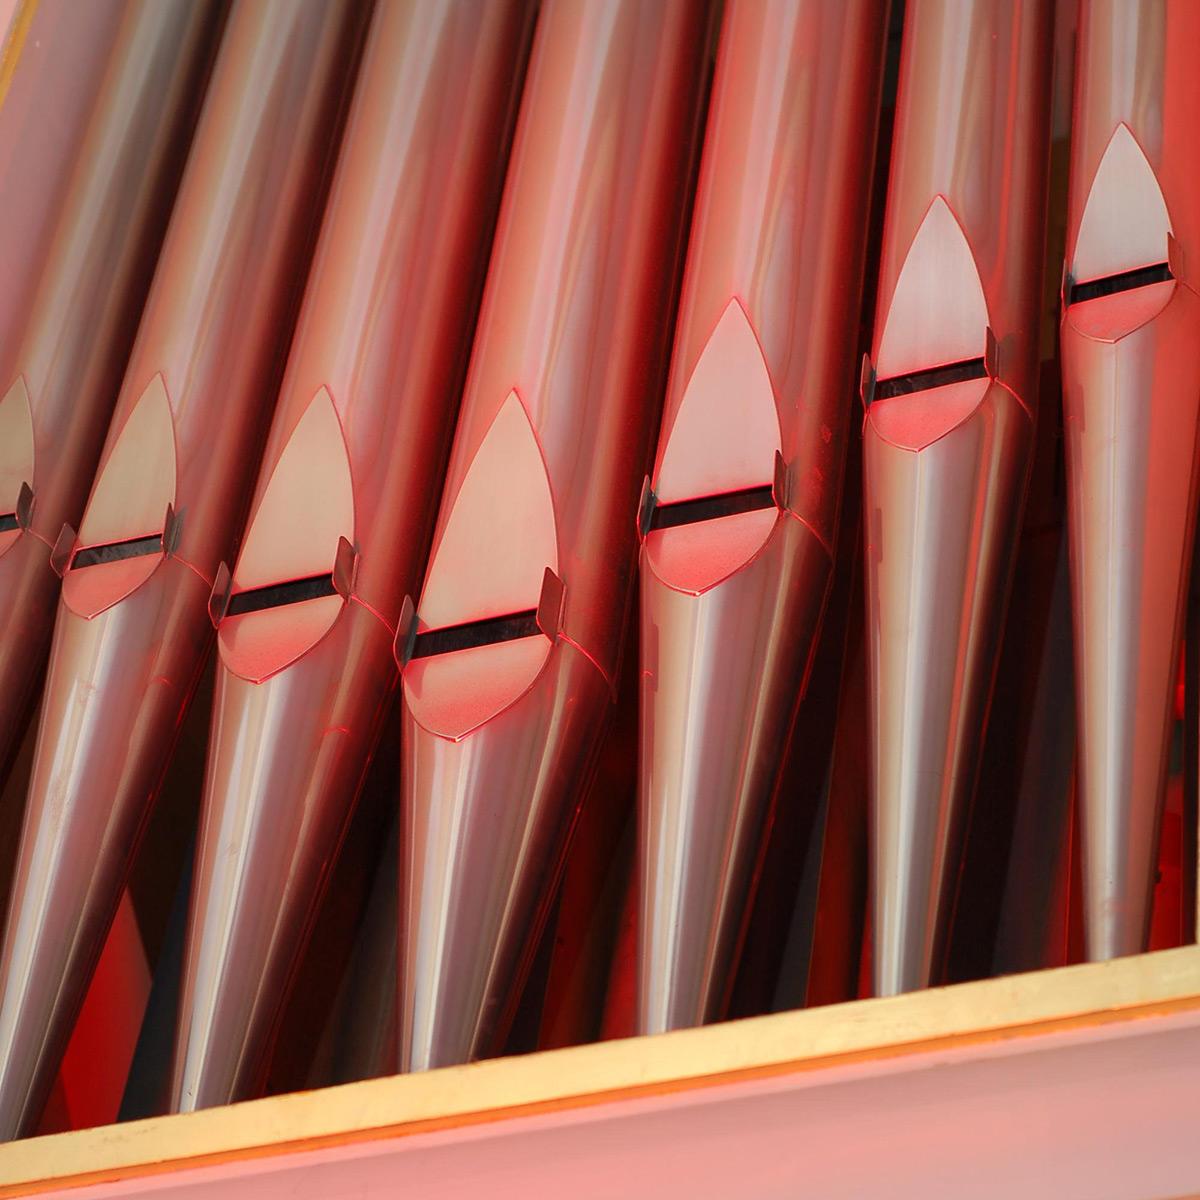 Концерт в соборе «Музыка соборов мира: Штефан Энгельс (орган, Германия)» – события на сайте «Московские Сезоны»